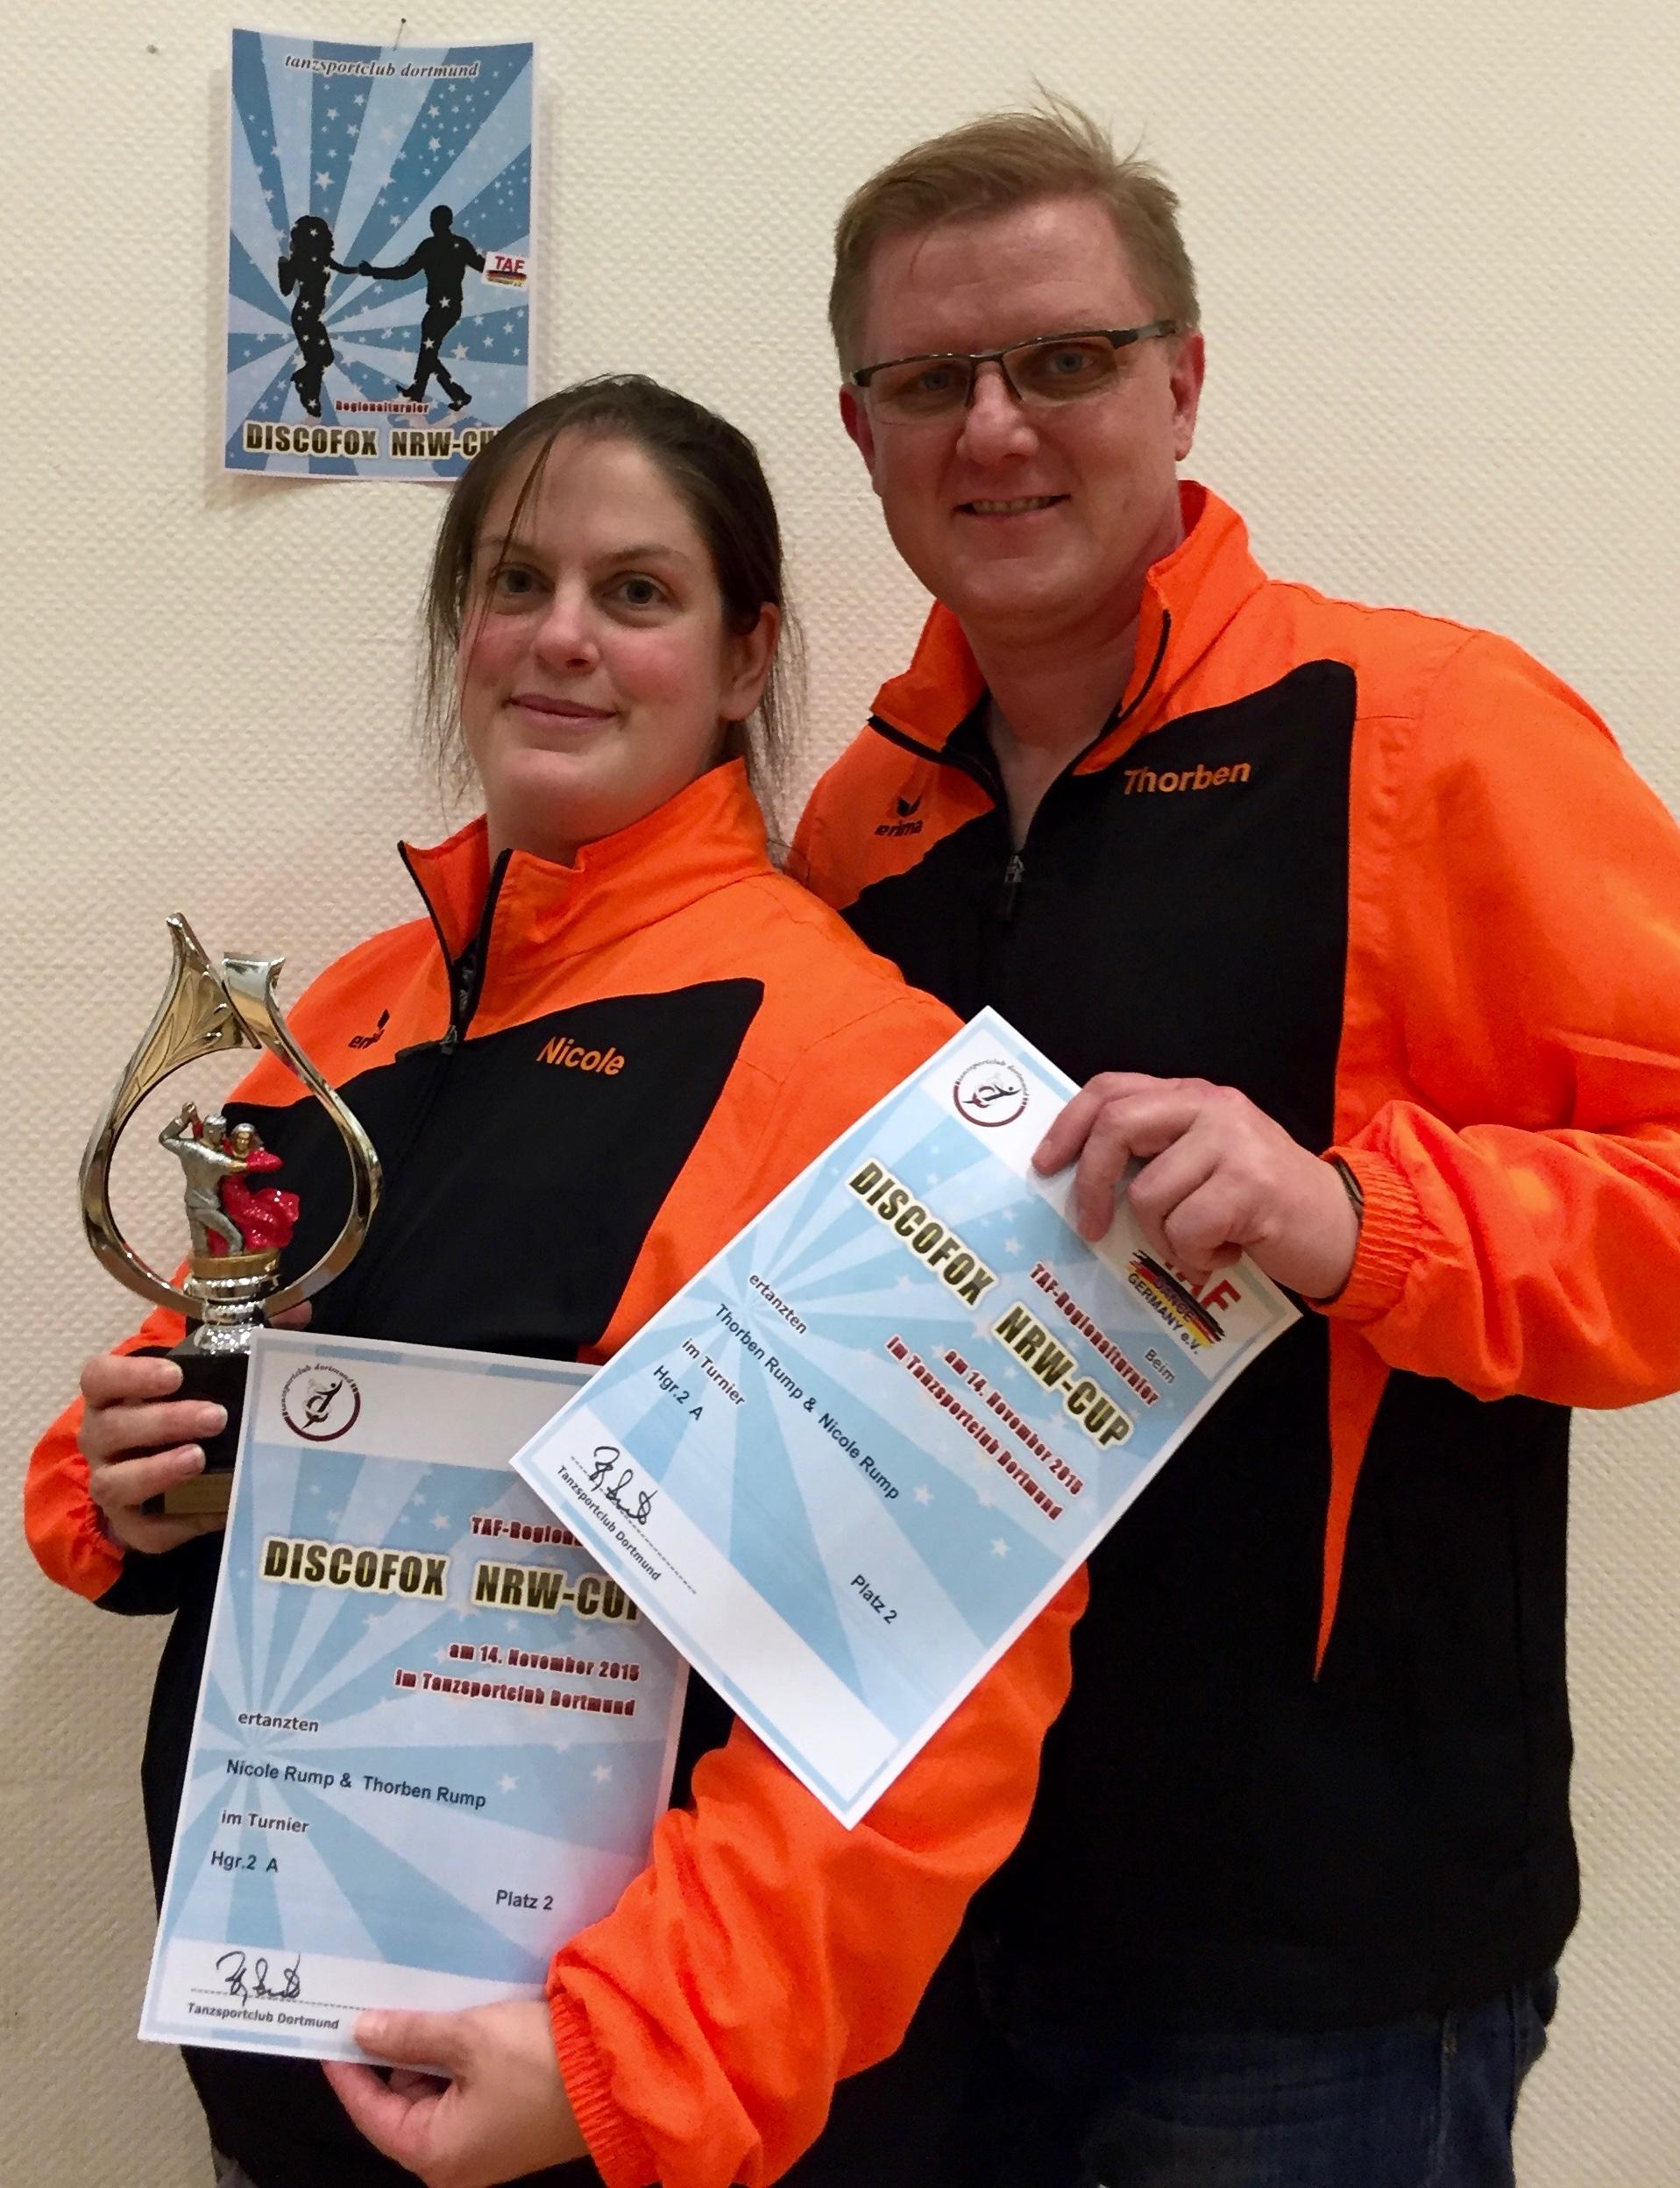 2. Platz beim NRW-Cup in Dortmund